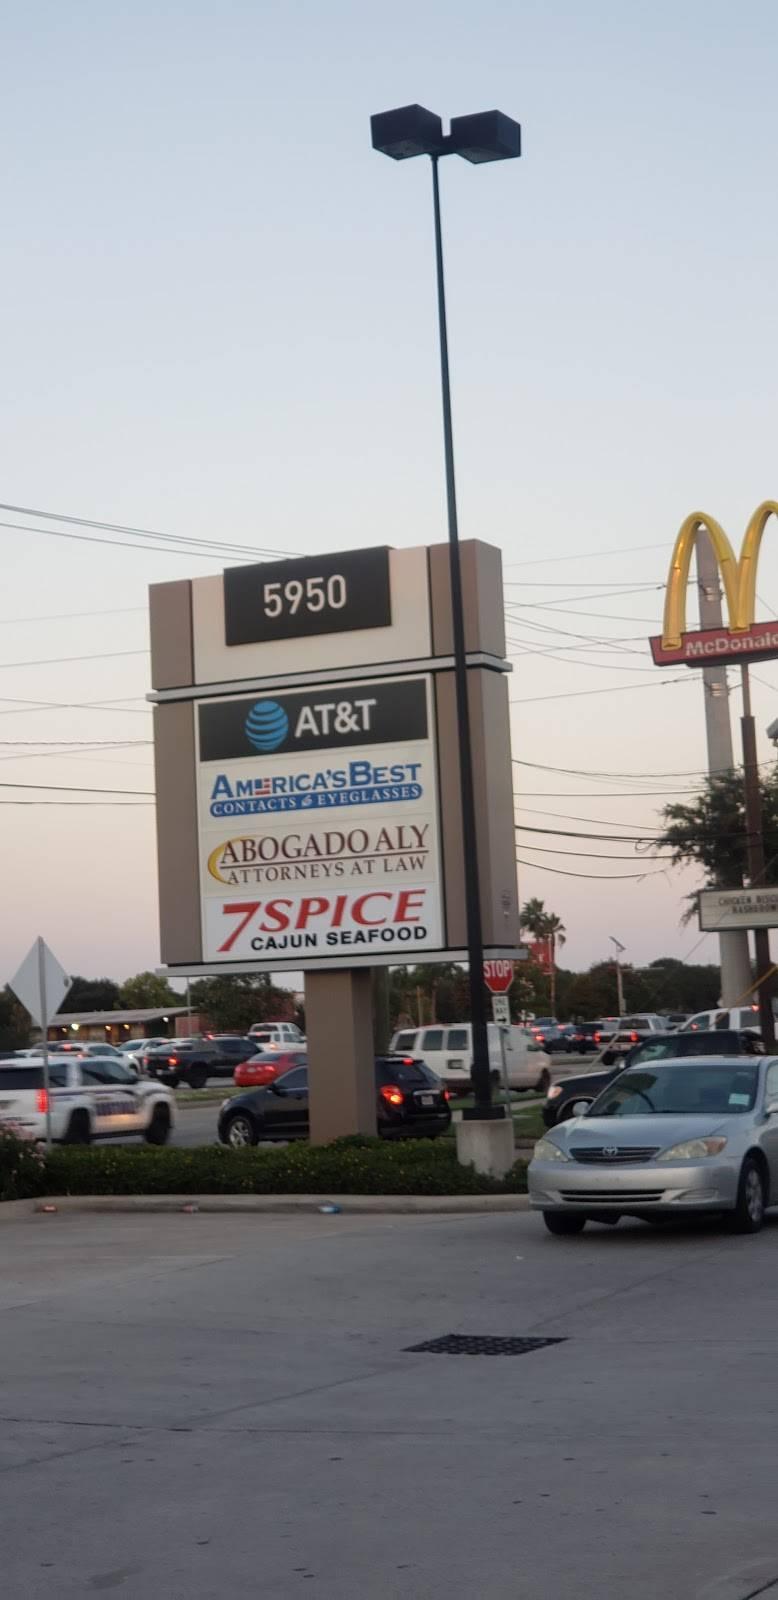 7Spice | restaurant | 5950 Gulf Fwy, Houston, TX 77023, USA | 8327707742 OR +1 832-770-7742